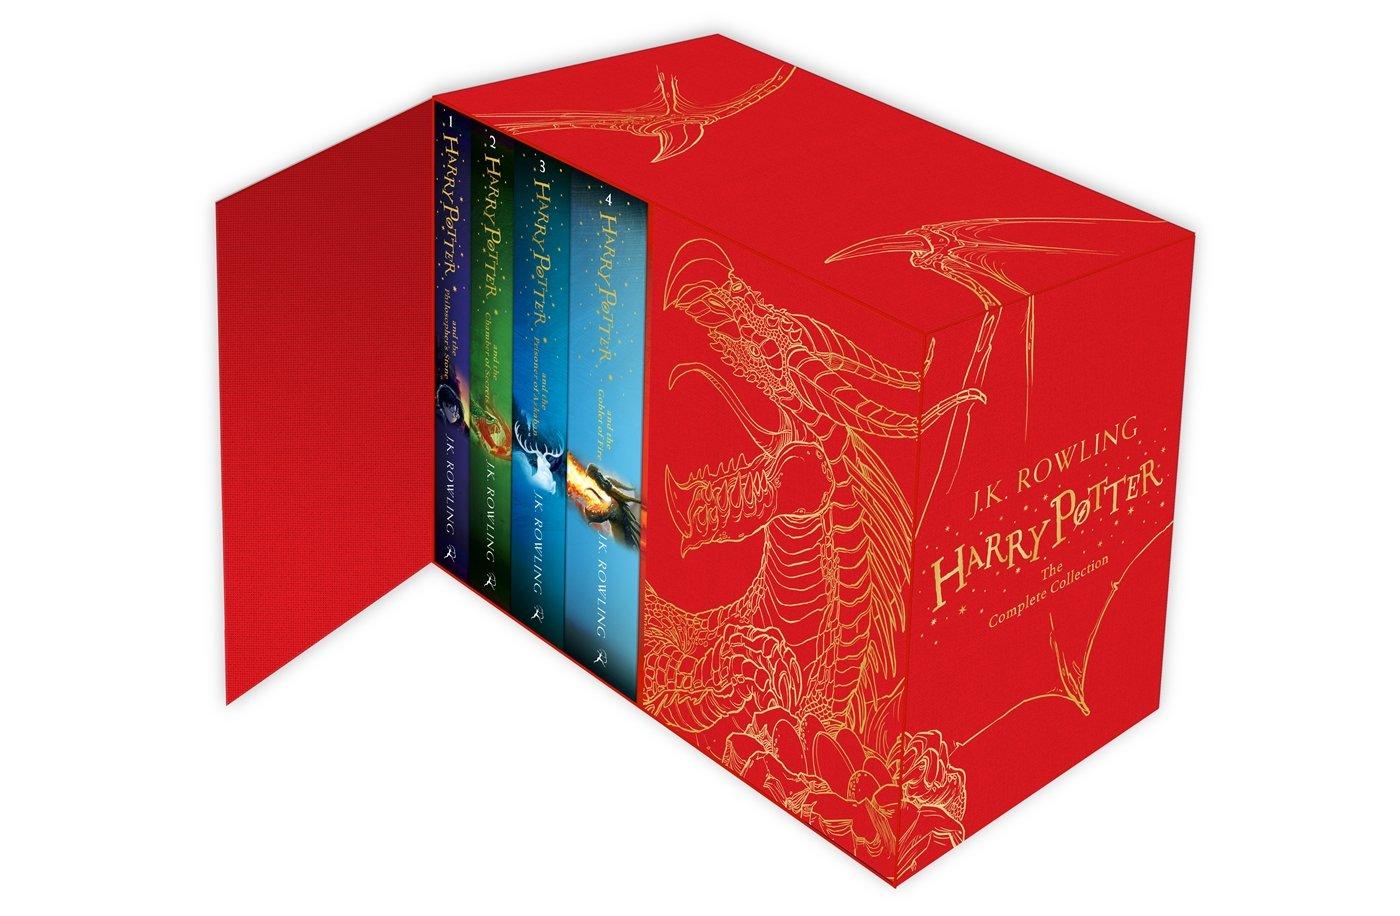 Box set de libros Harry Potter con 20% de descuento en Amazon México